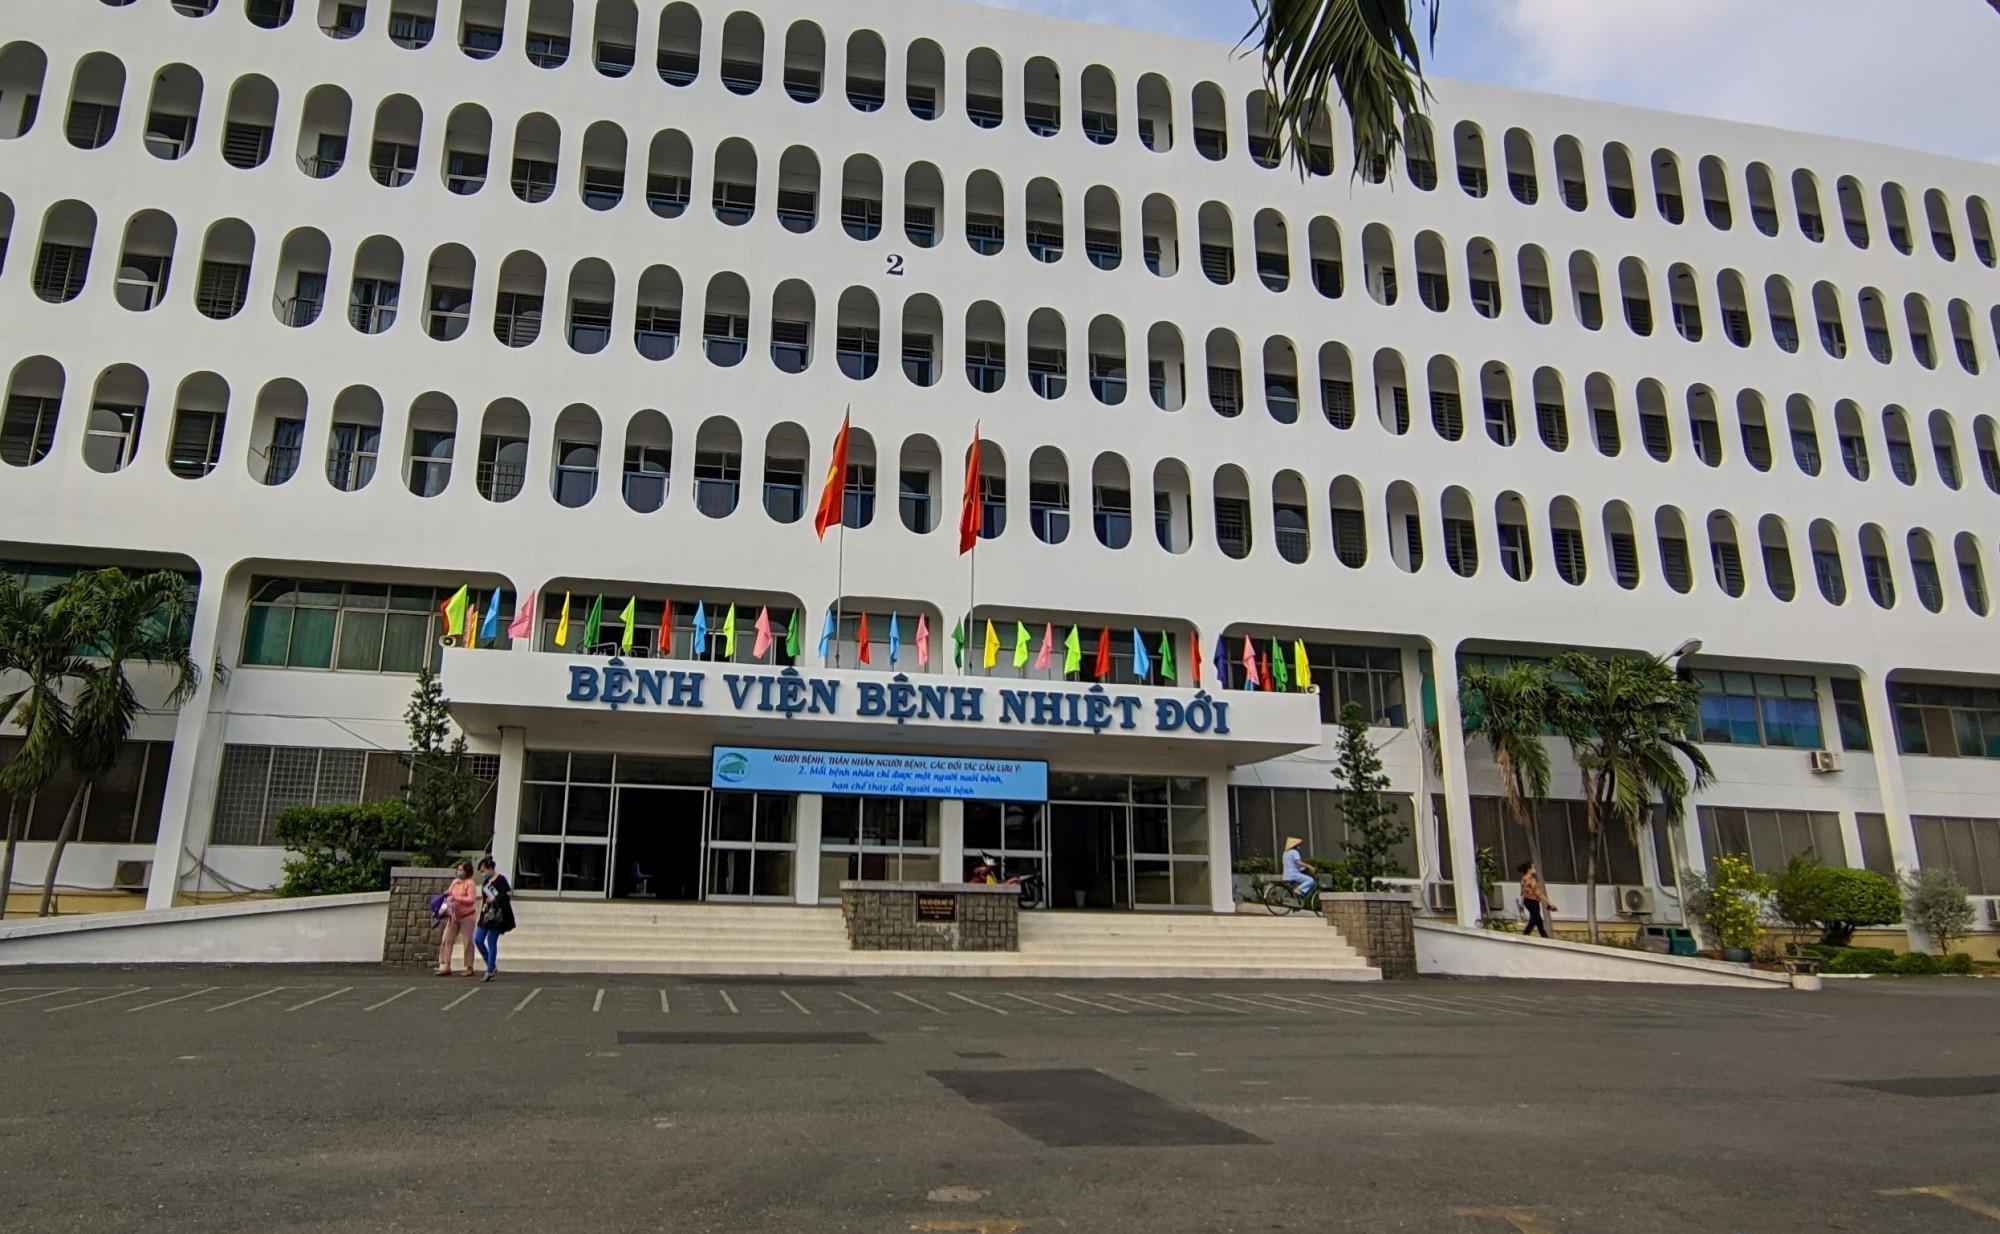 Bệnh viện Bện Nhiệt đới TPHCM